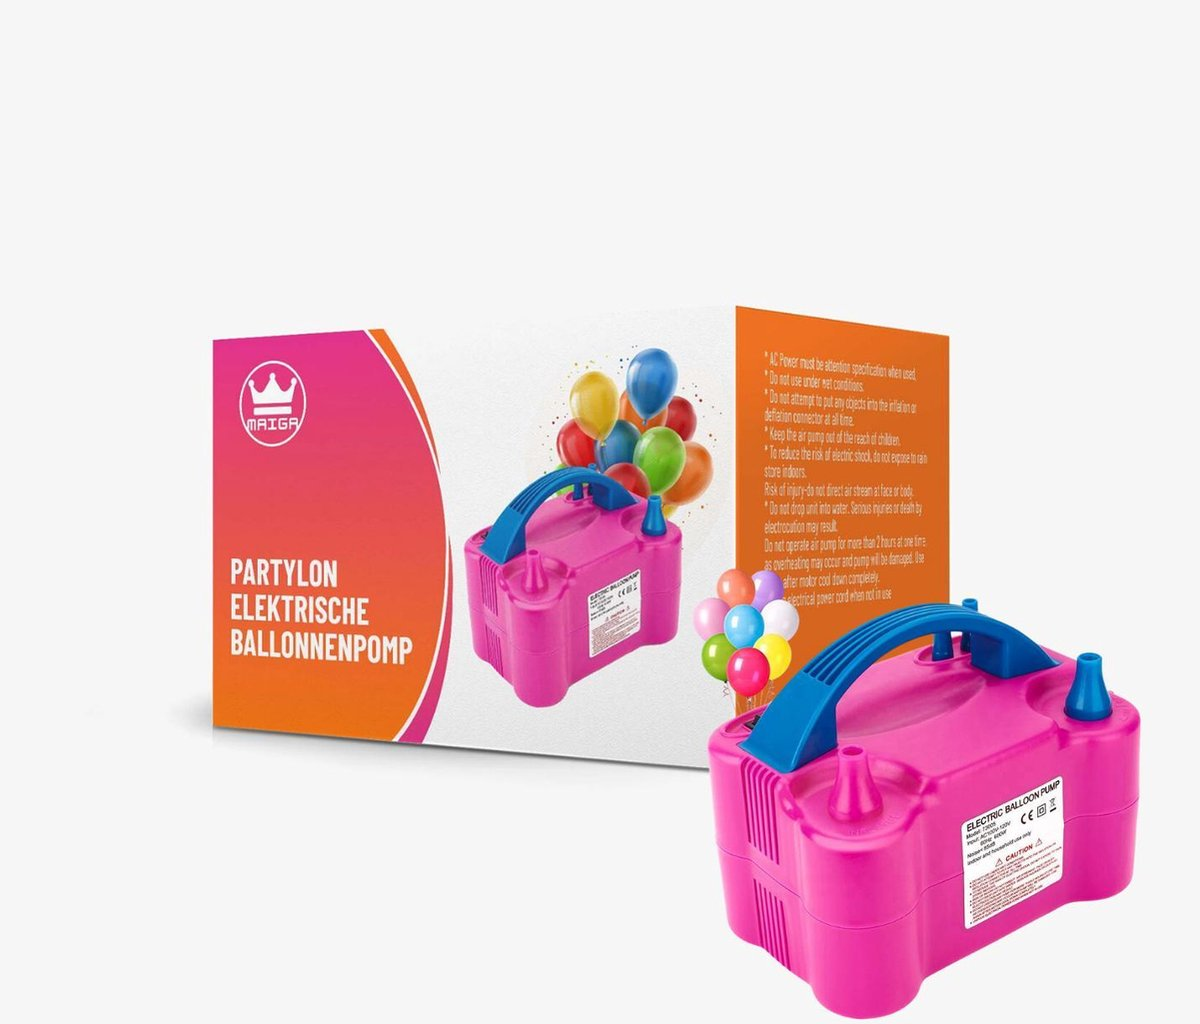 PartyLon  Elektrische Ballonenpomp - Ballonpomp - Elektrische Ballon Pomp - Rood Blauw 120 V - 600 W